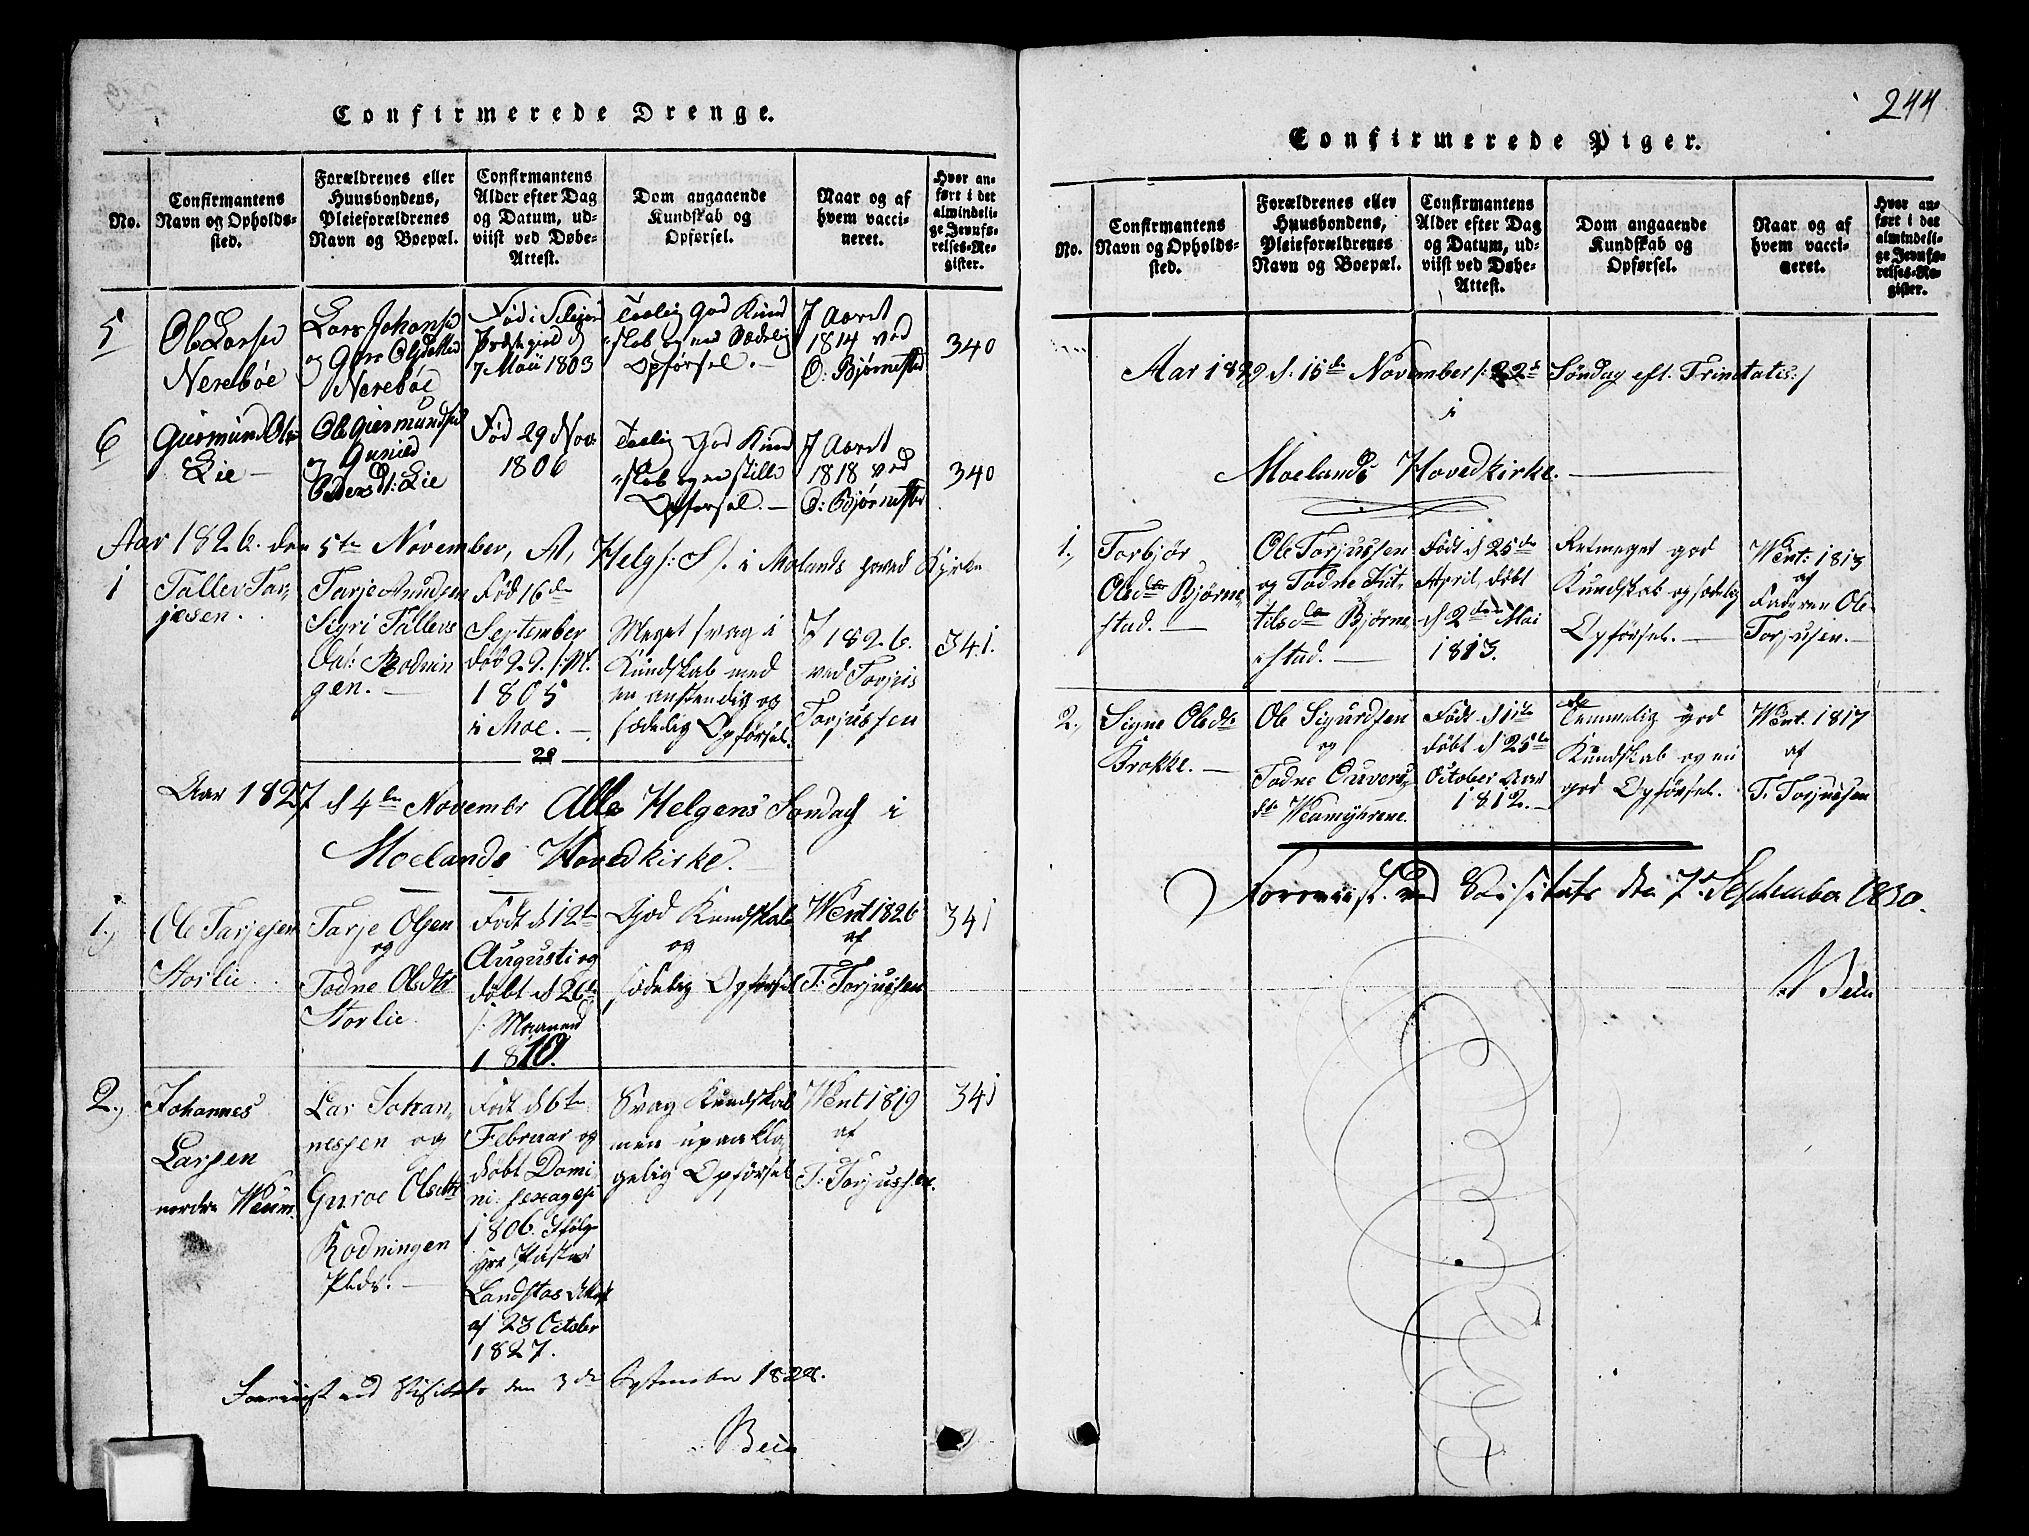 SAKO, Fyresdal kirkebøker, G/Ga/L0003: Klokkerbok nr. I 3, 1815-1863, s. 244